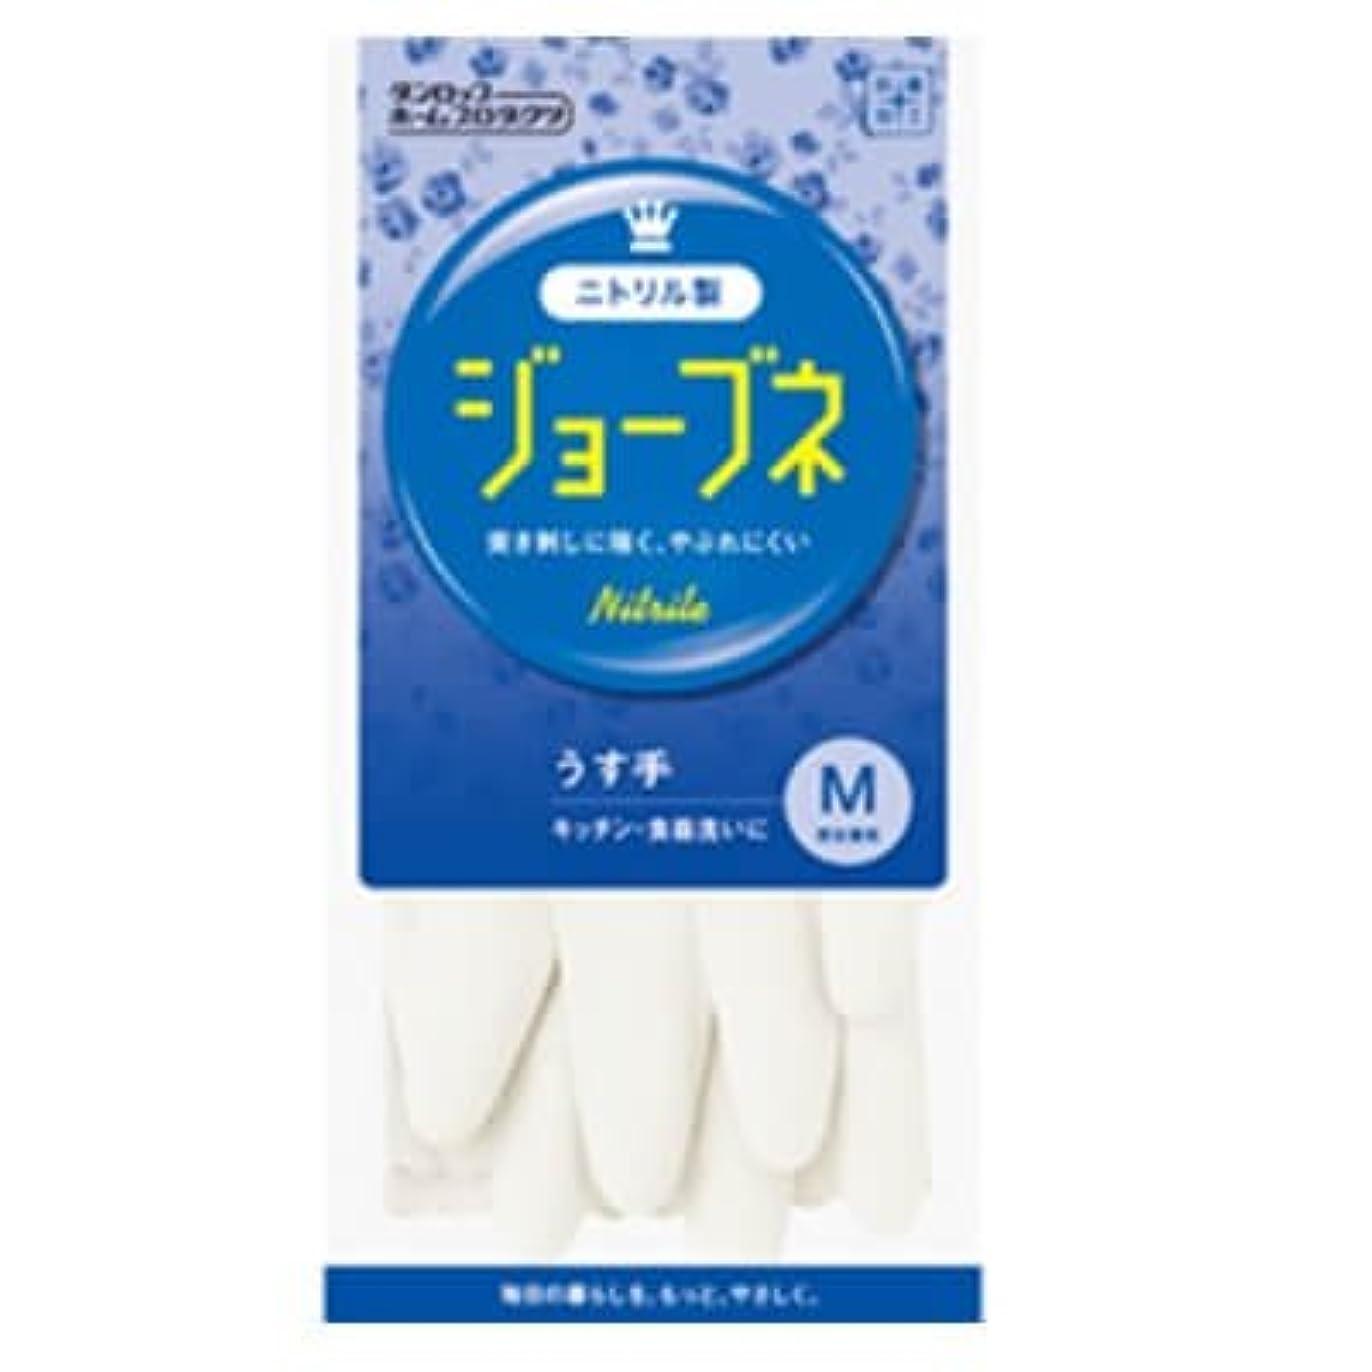 対話延ばす毒液【ケース販売】 ダンロップ ジョーブネ うす手 M ホワイト (10双×24袋)